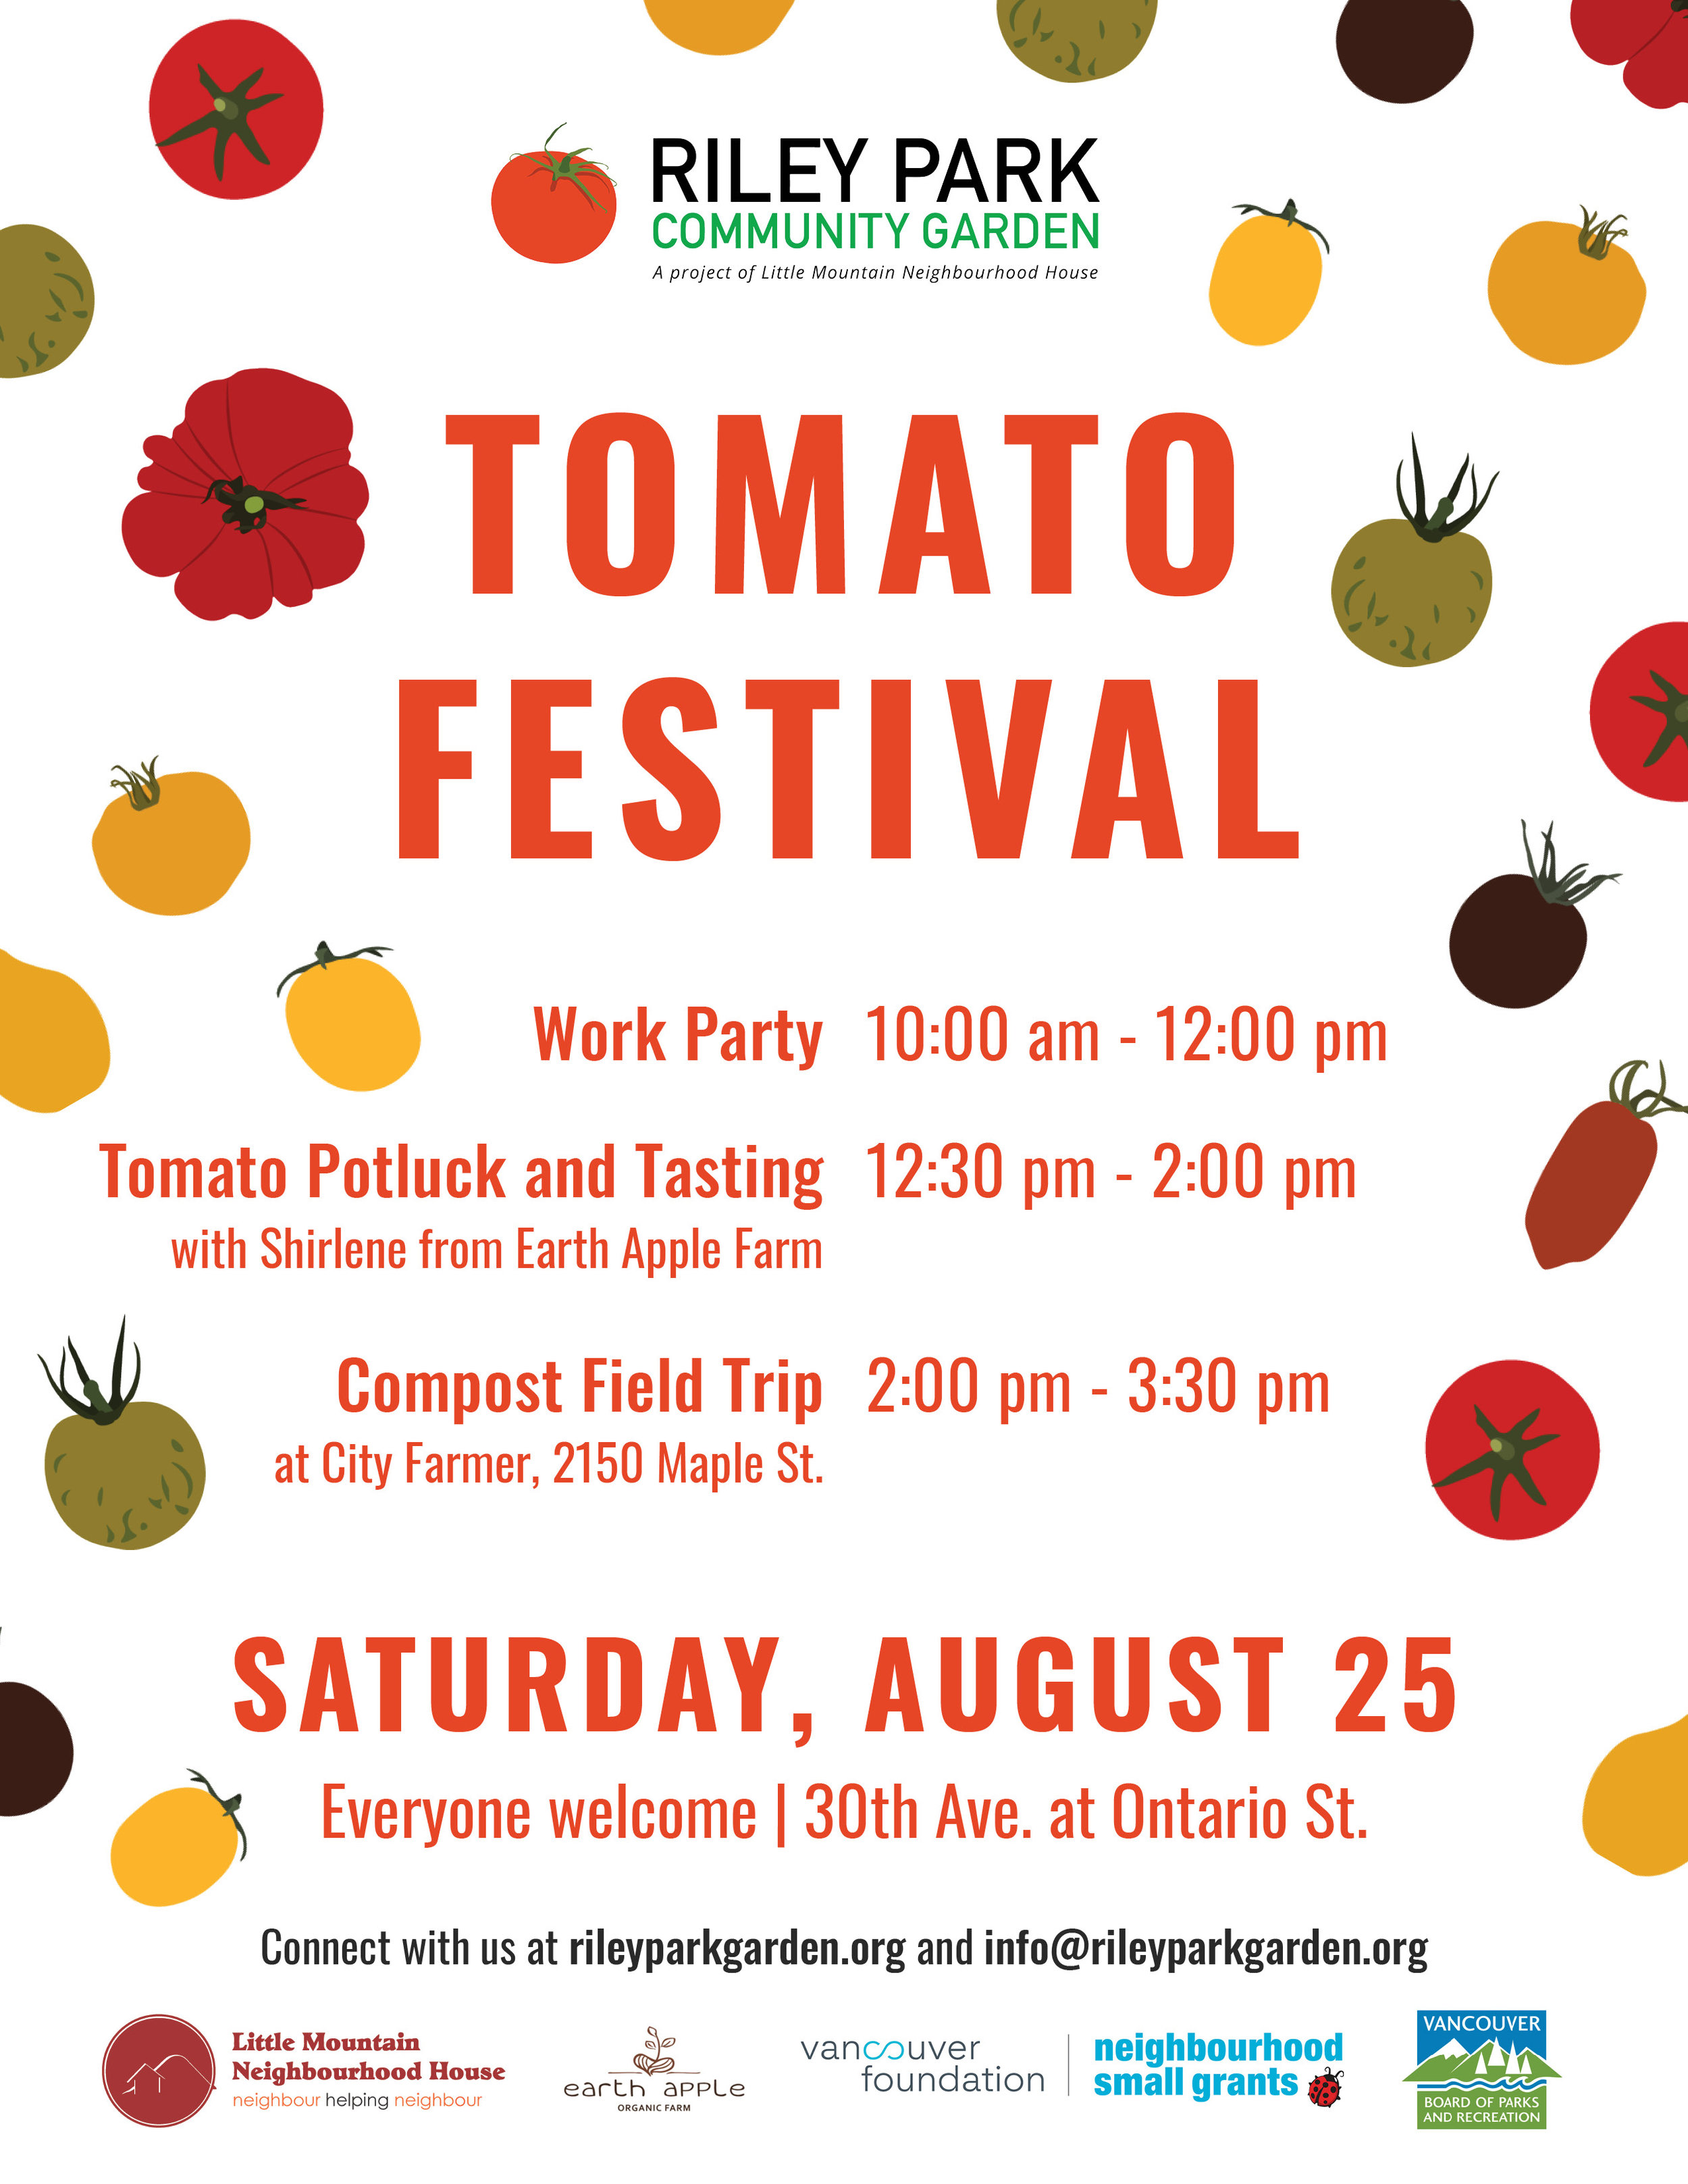 180806 FINAL 2 Tomato Festival Poster_v2wl .jpg